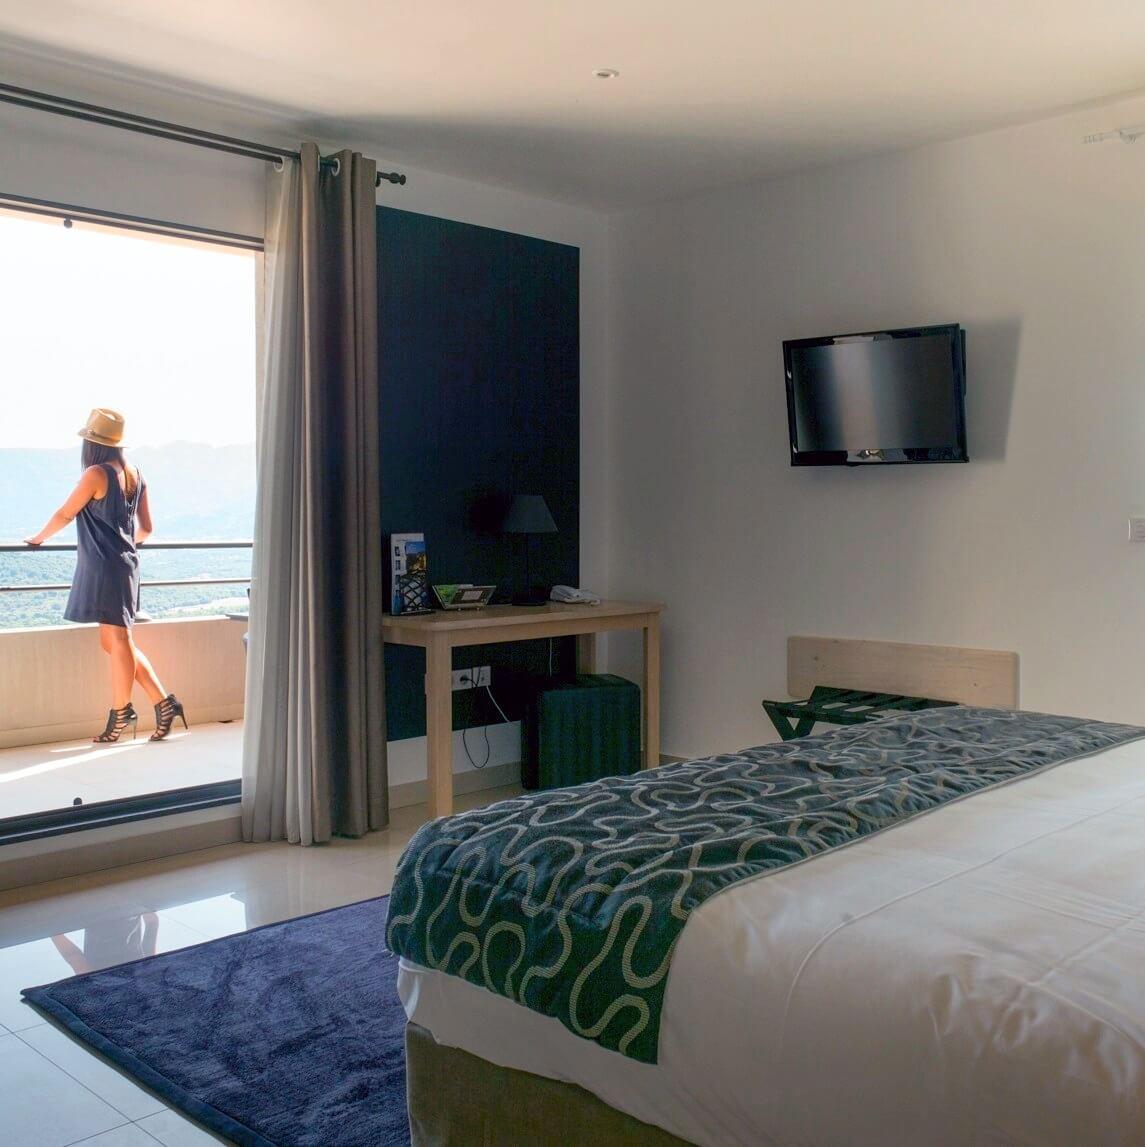 Chambre avec terrasse - Hôtel A Piattatella - Oletta - Corse